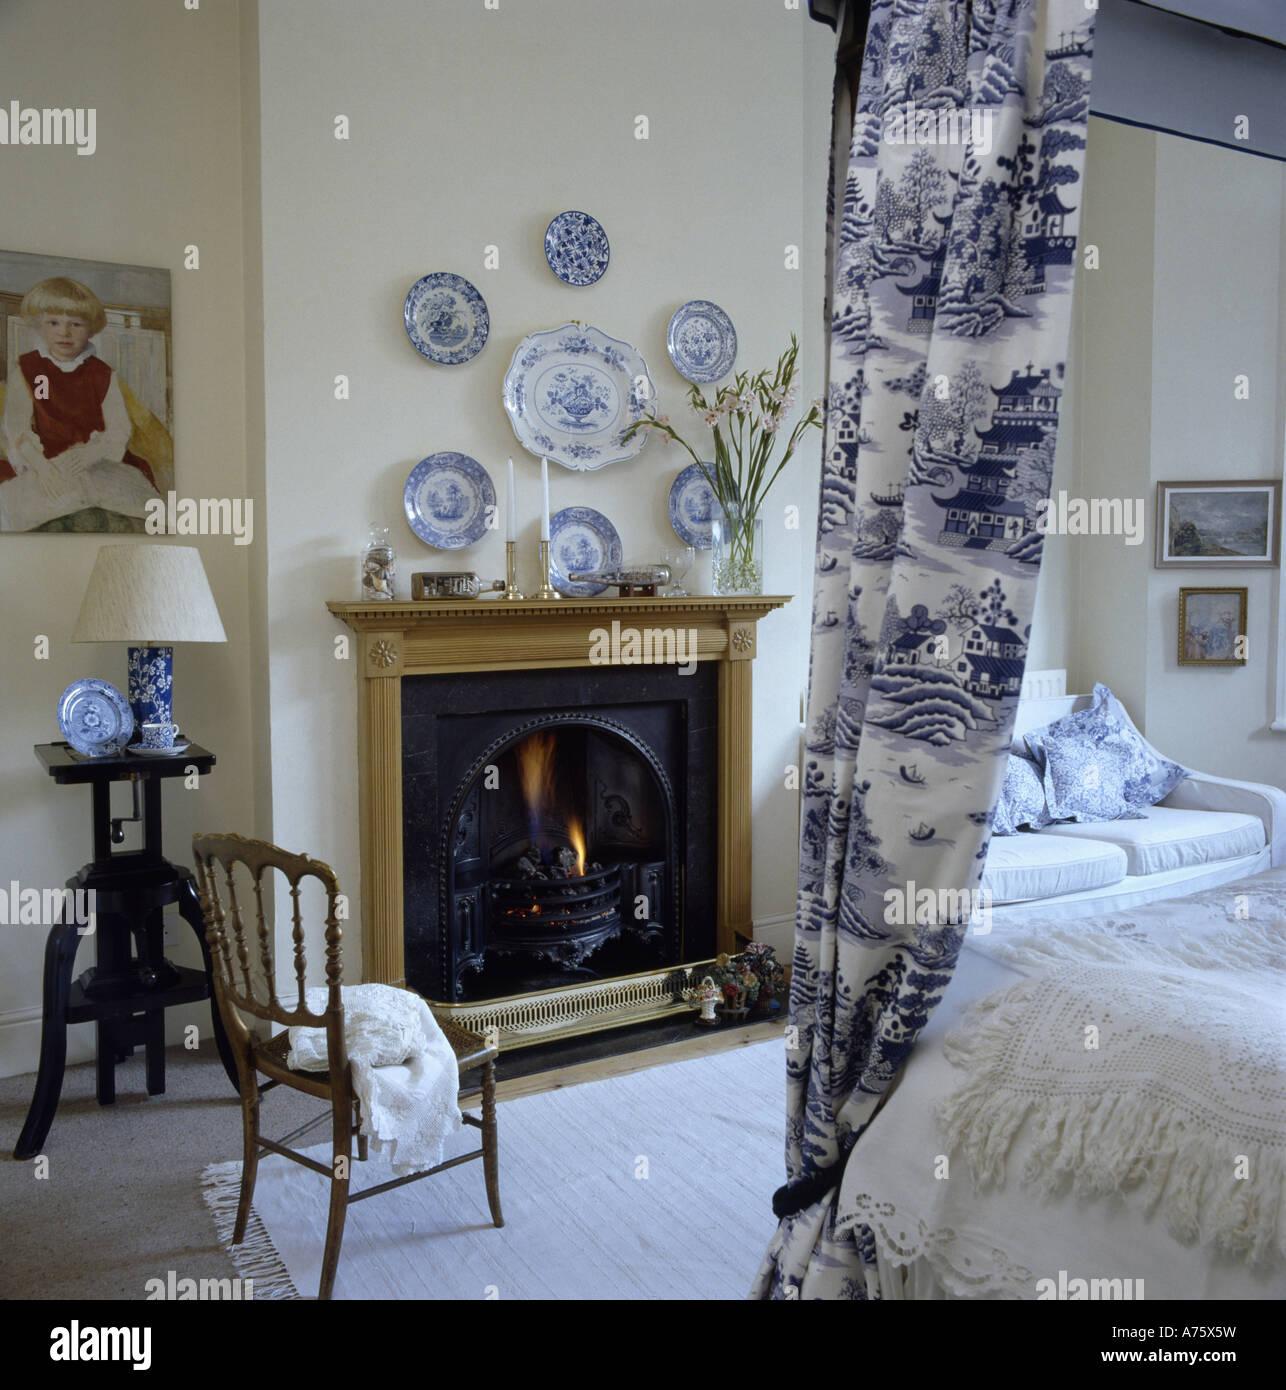 sammlung von blauen und wei en teller ber dem kamin im. Black Bedroom Furniture Sets. Home Design Ideas